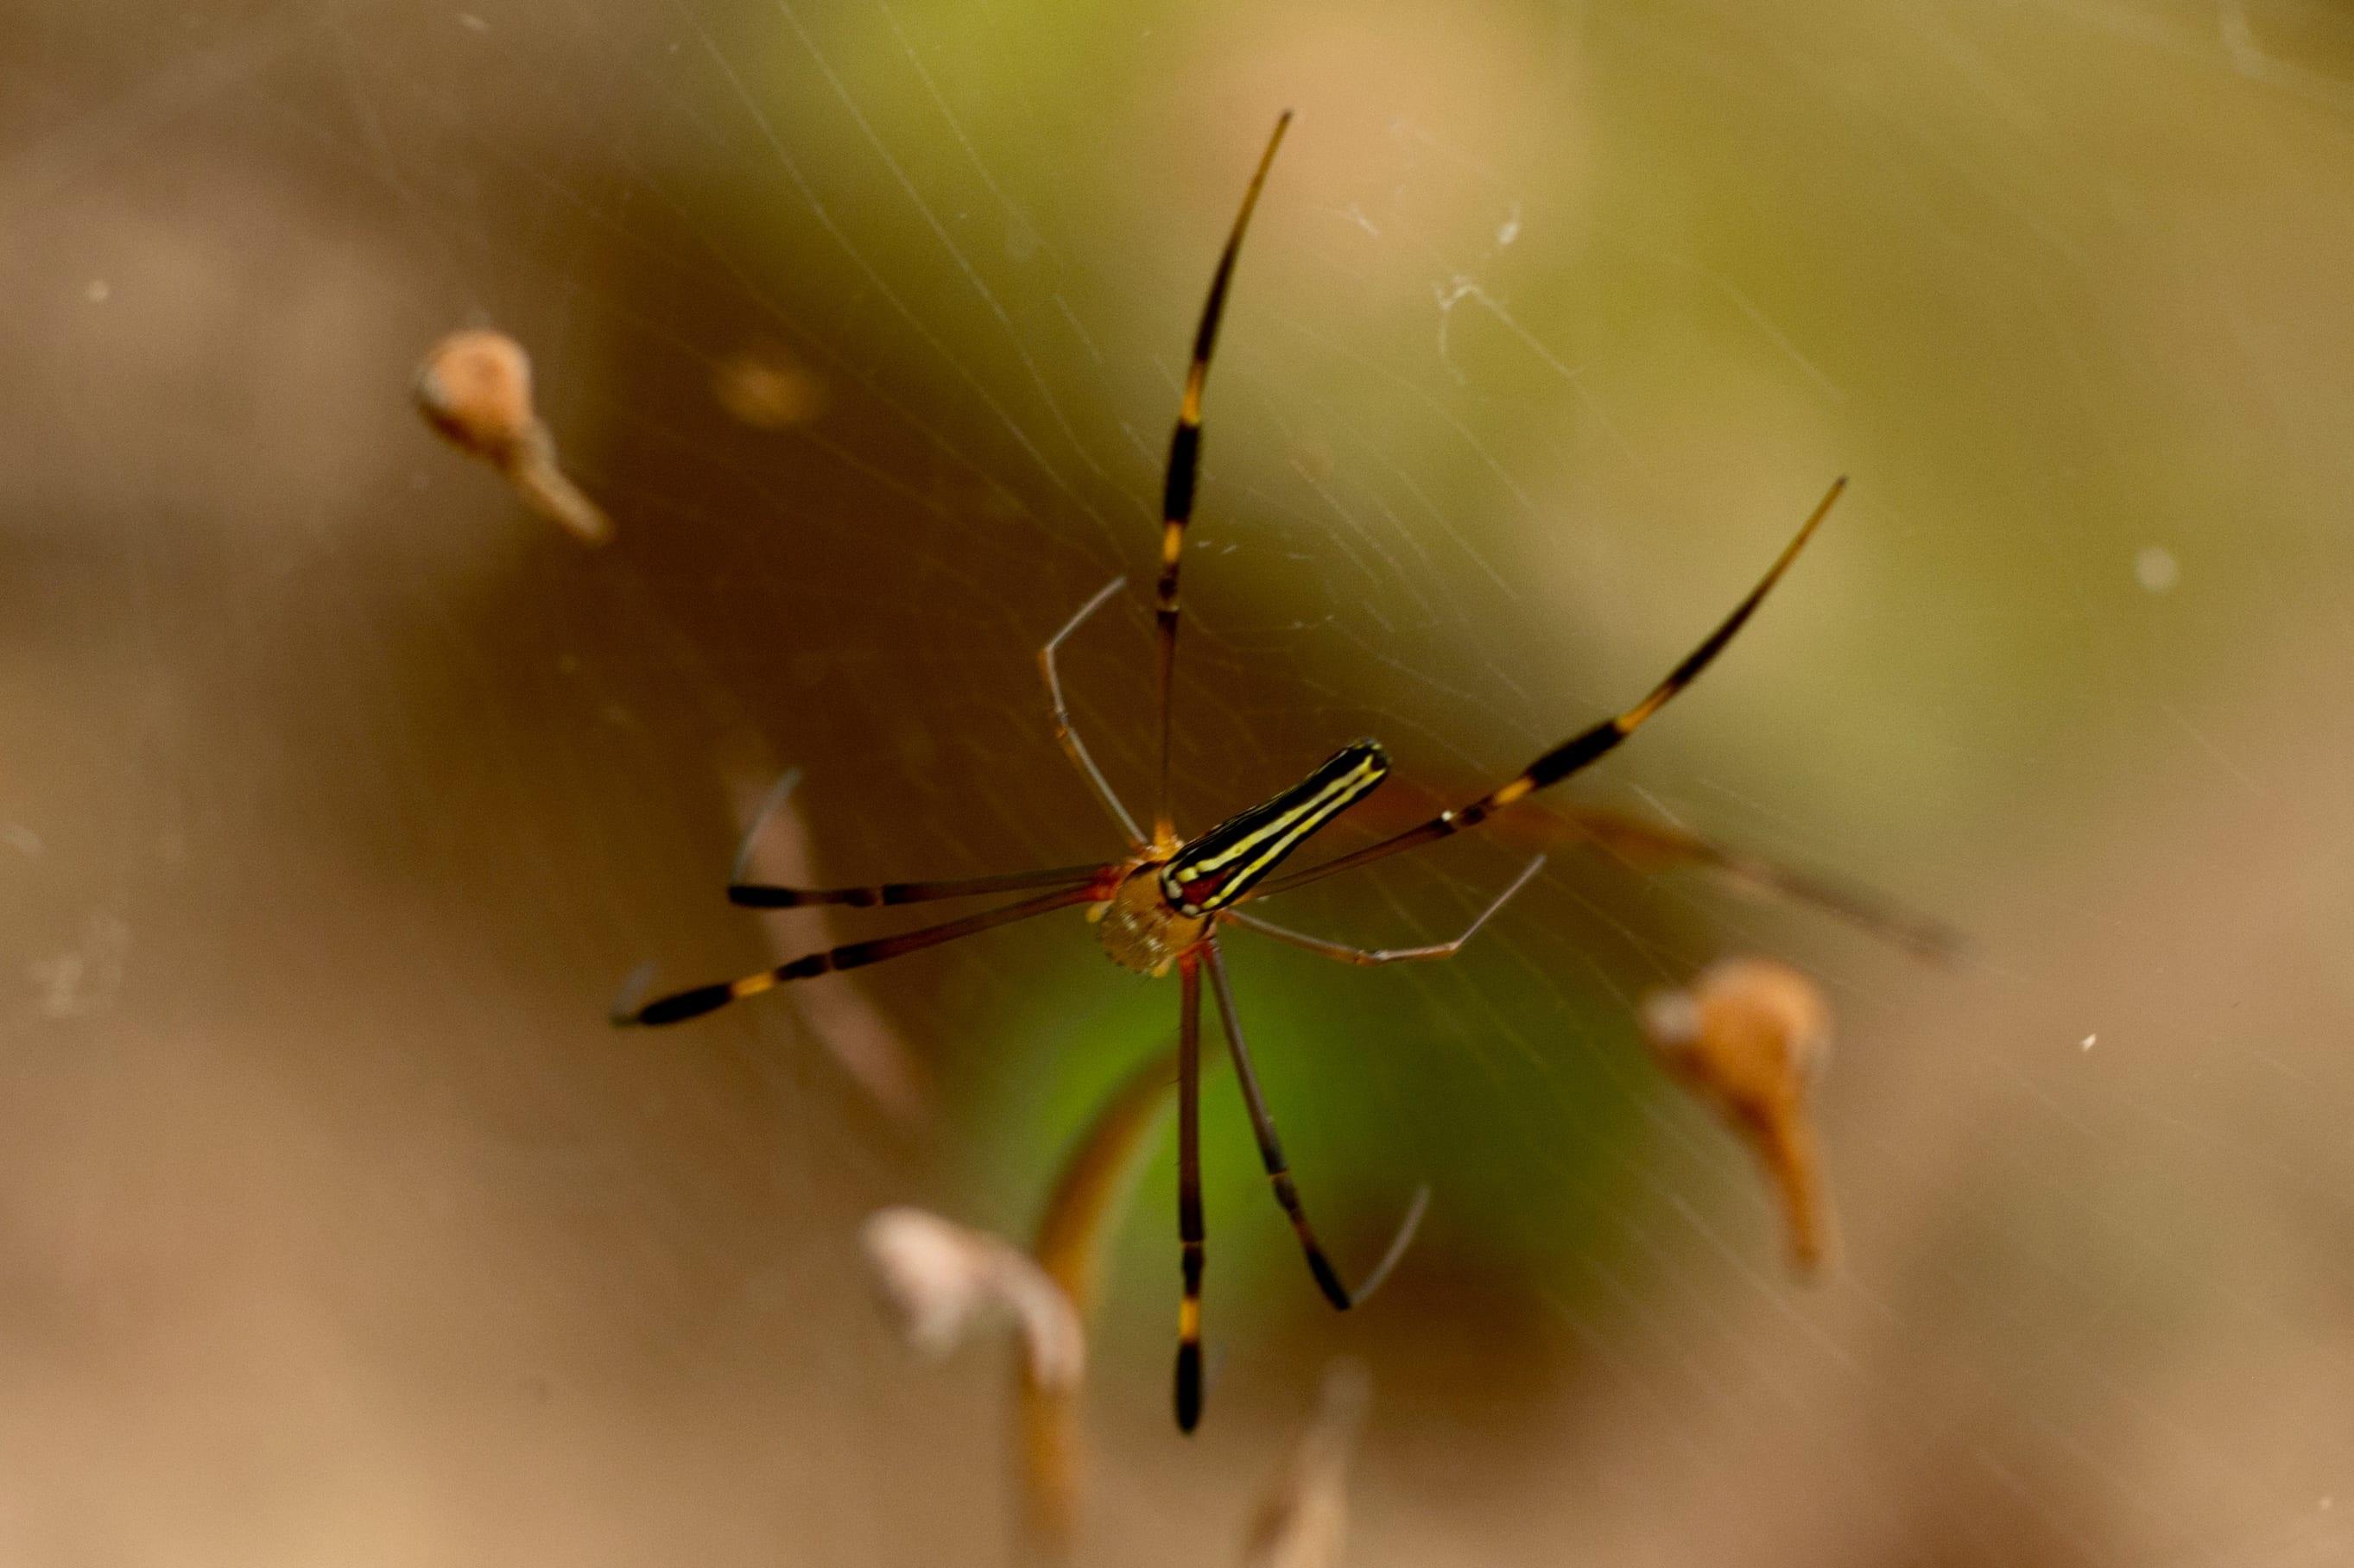 Picture of Nephila pilipes (Giant Golden Orb-weaver) - Dorsal,Webs